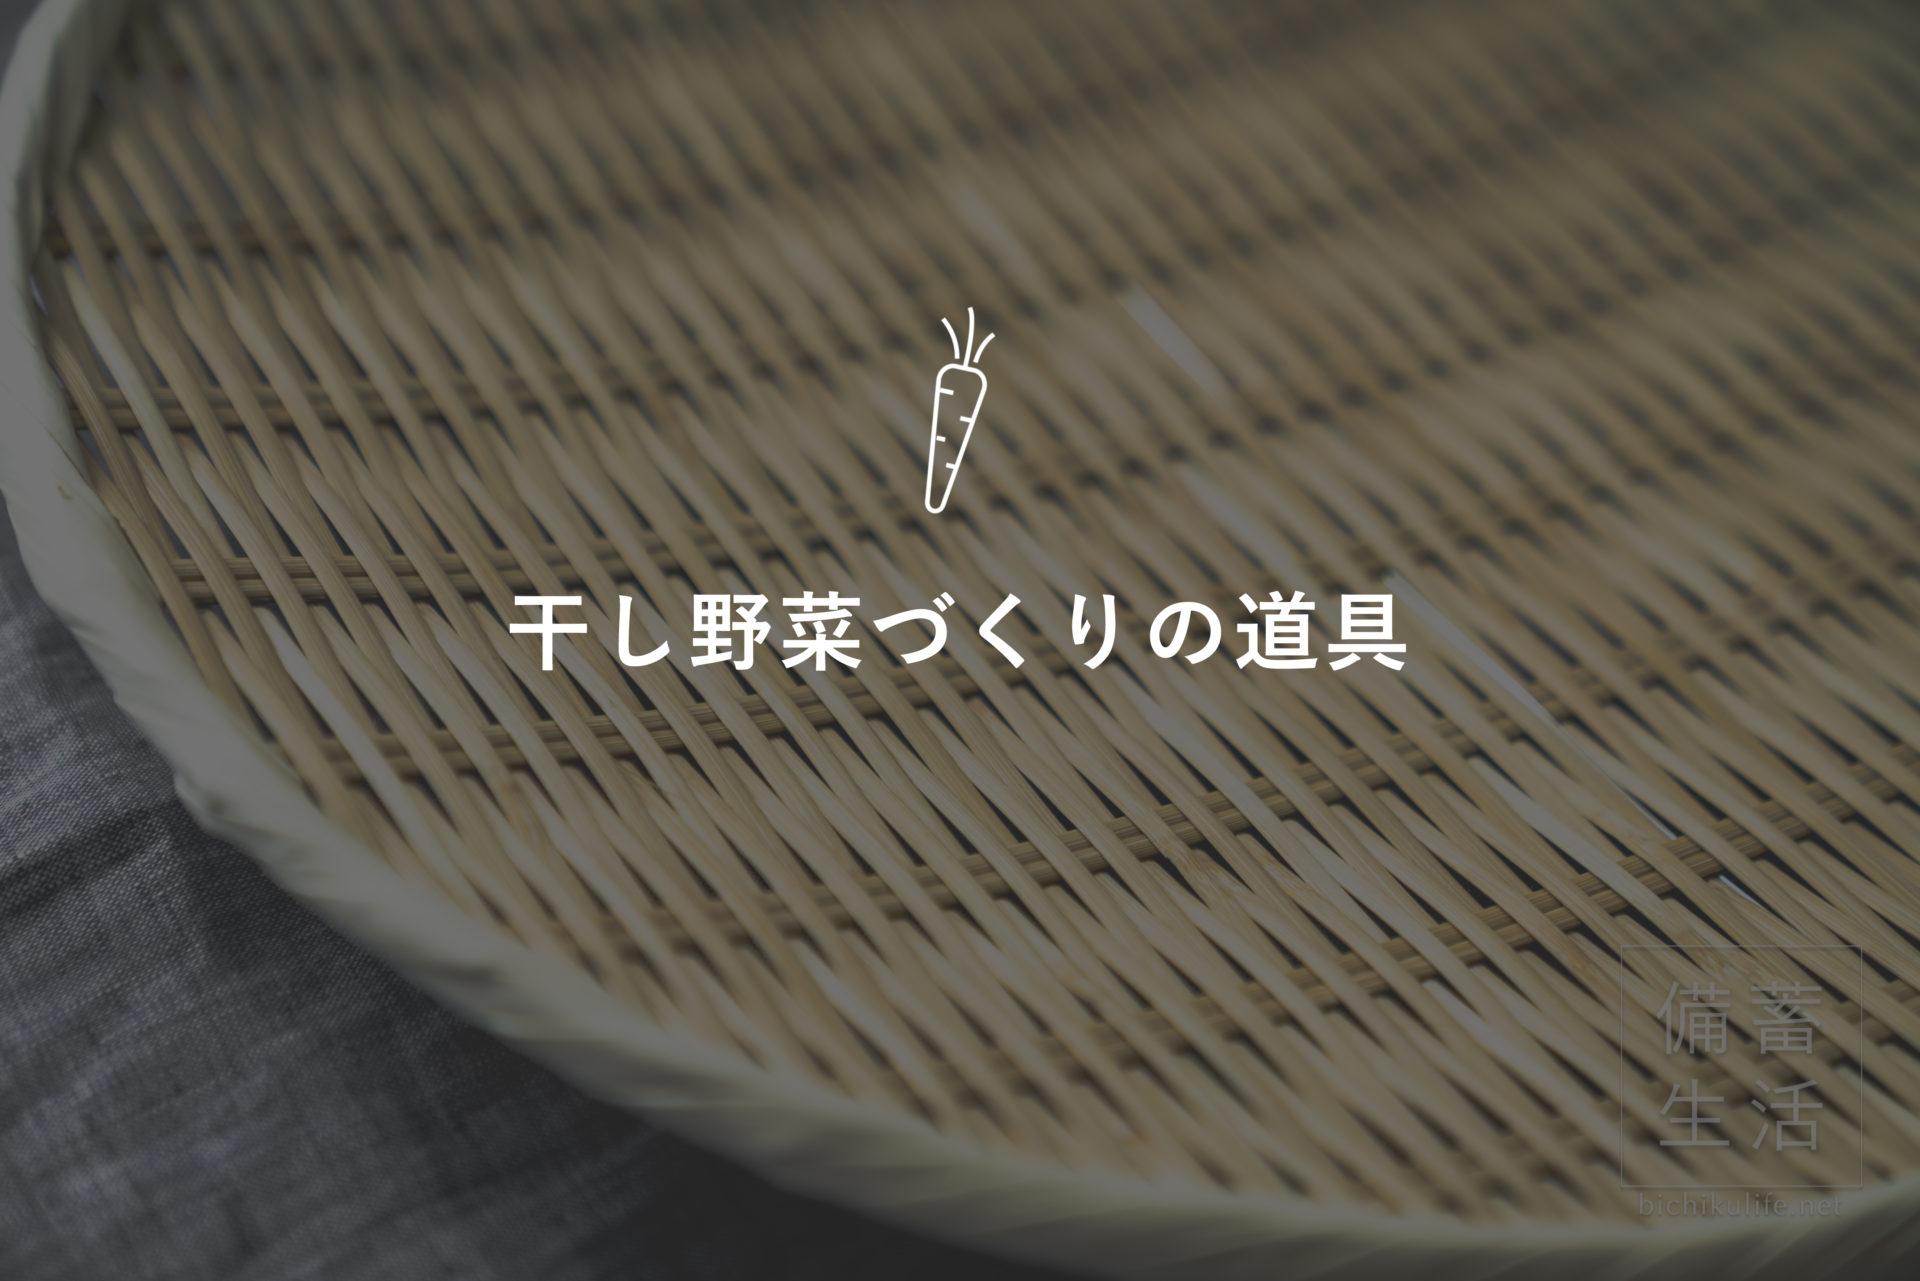 干し野菜作りの道具・ネット